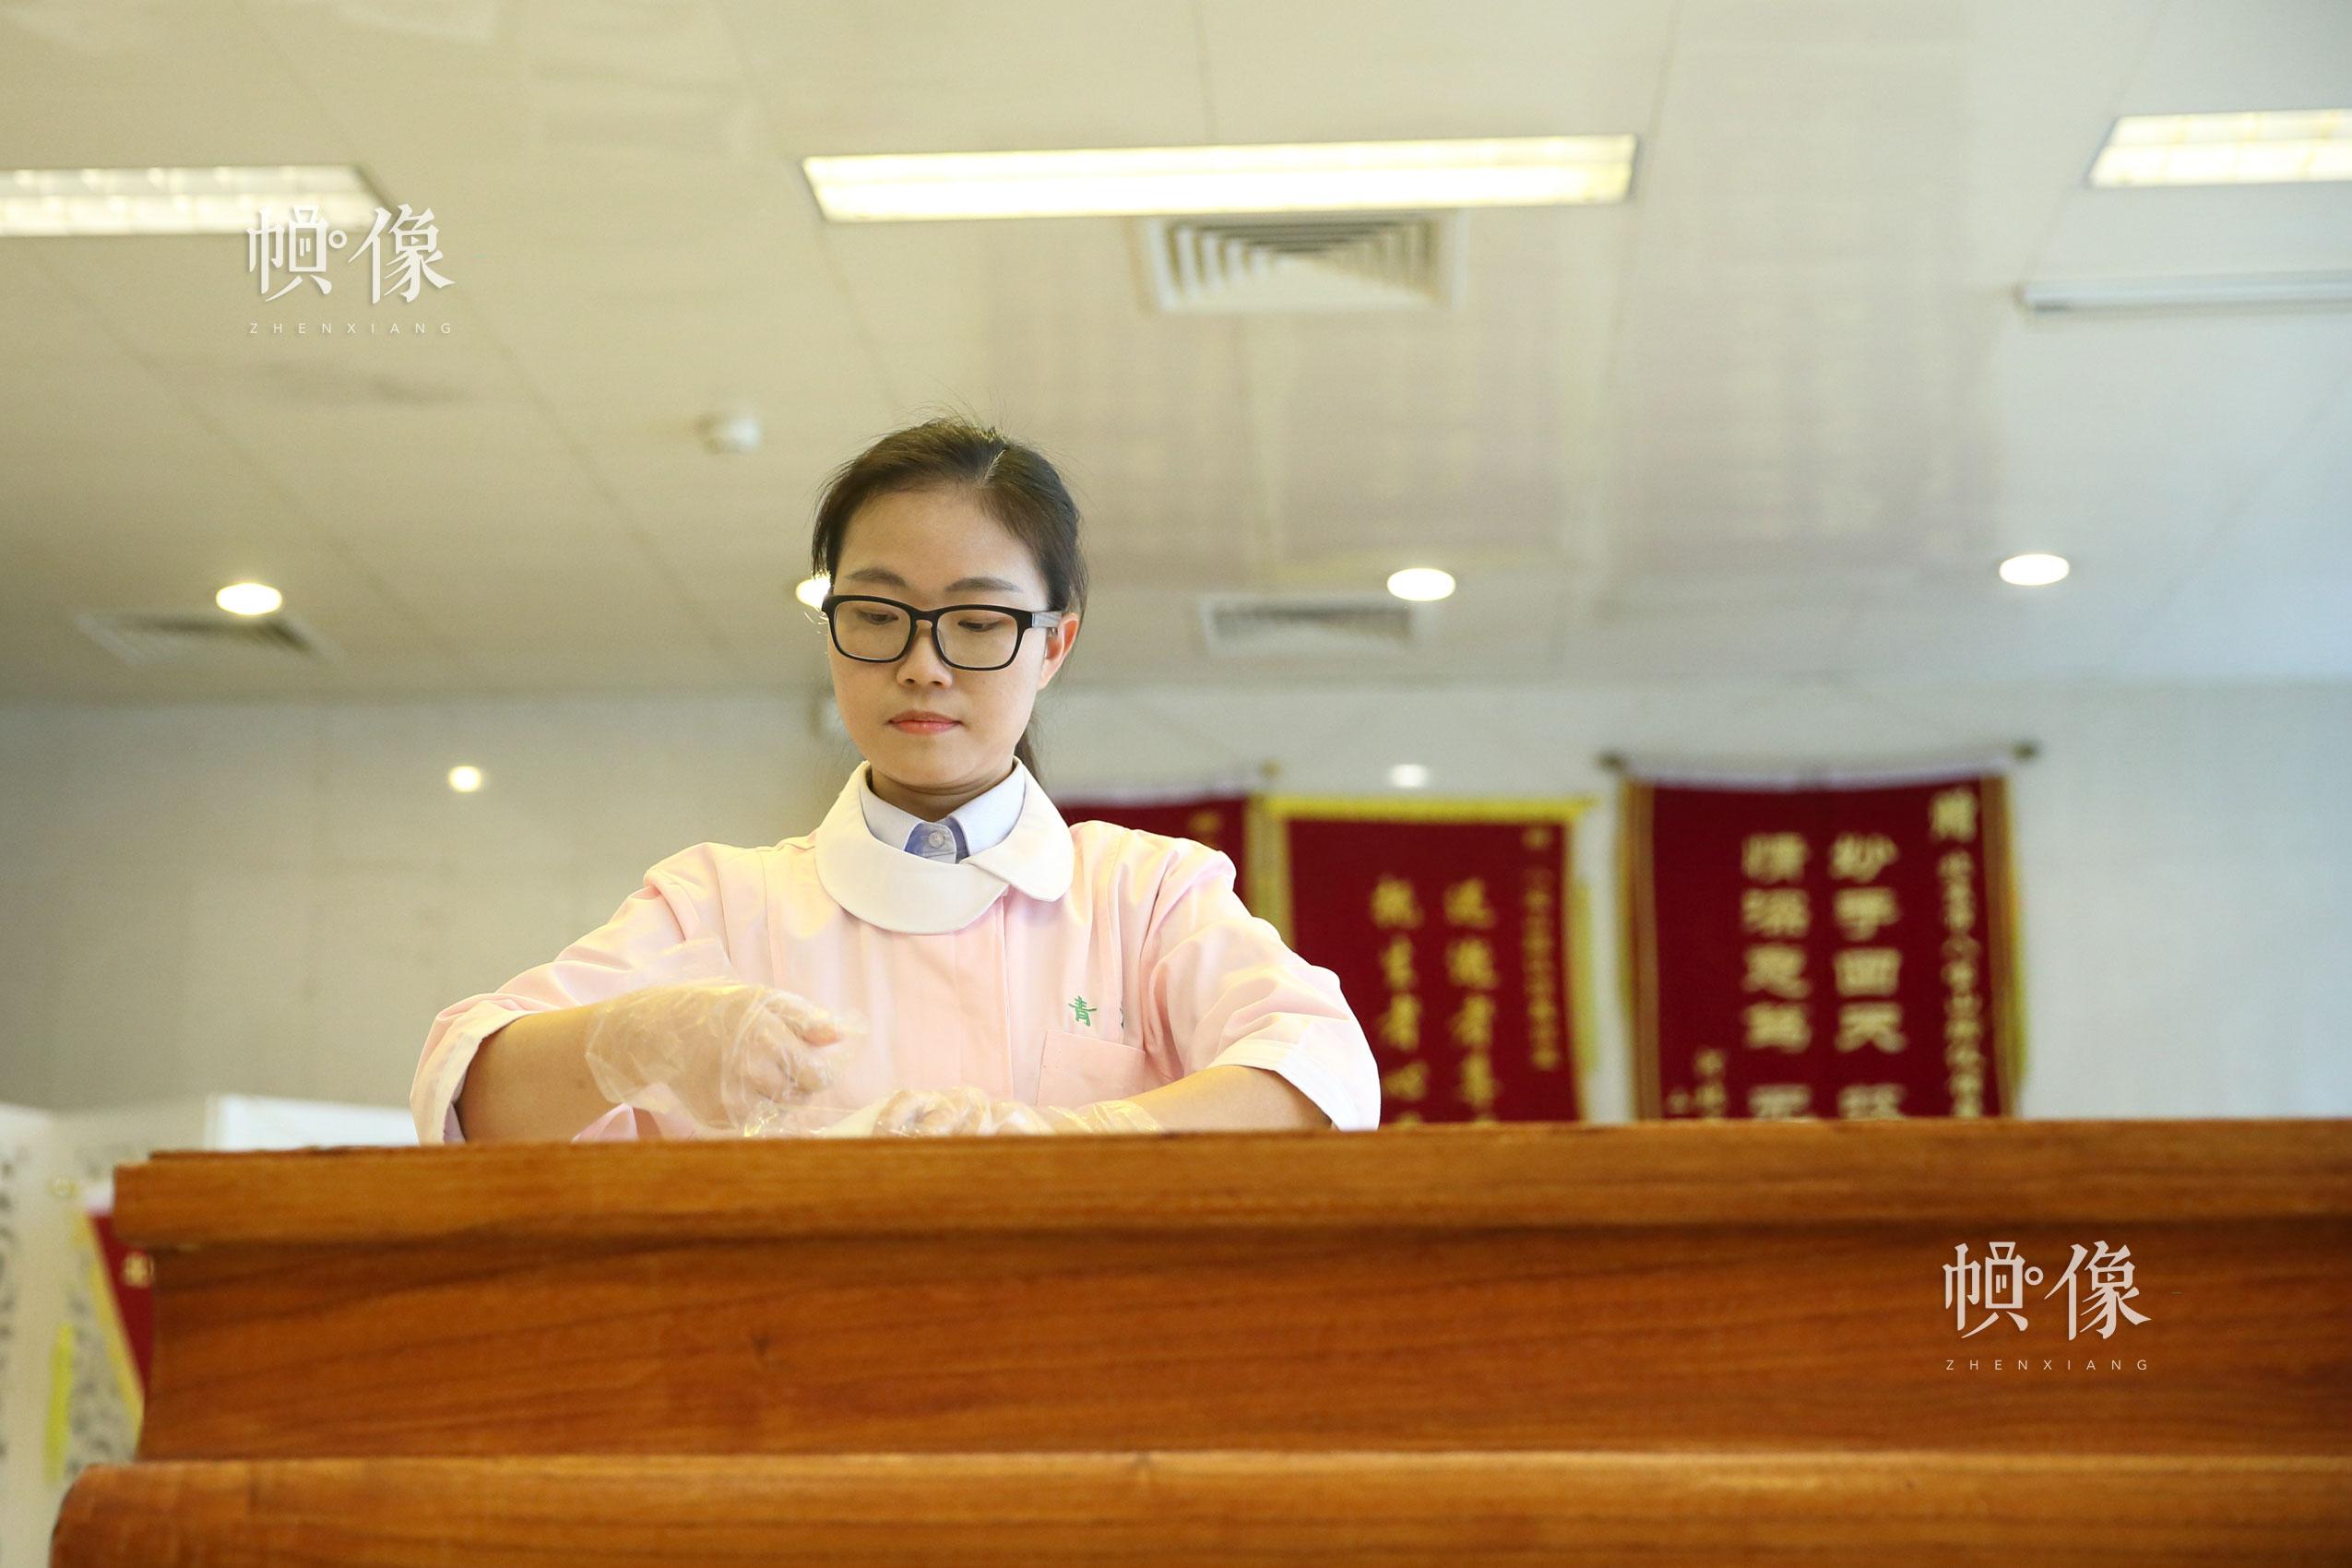 北京八寶山殯儀館遺體整容師曲傑為逝者進行遺體面部清潔、修復。中國網記者 陳維松 攝